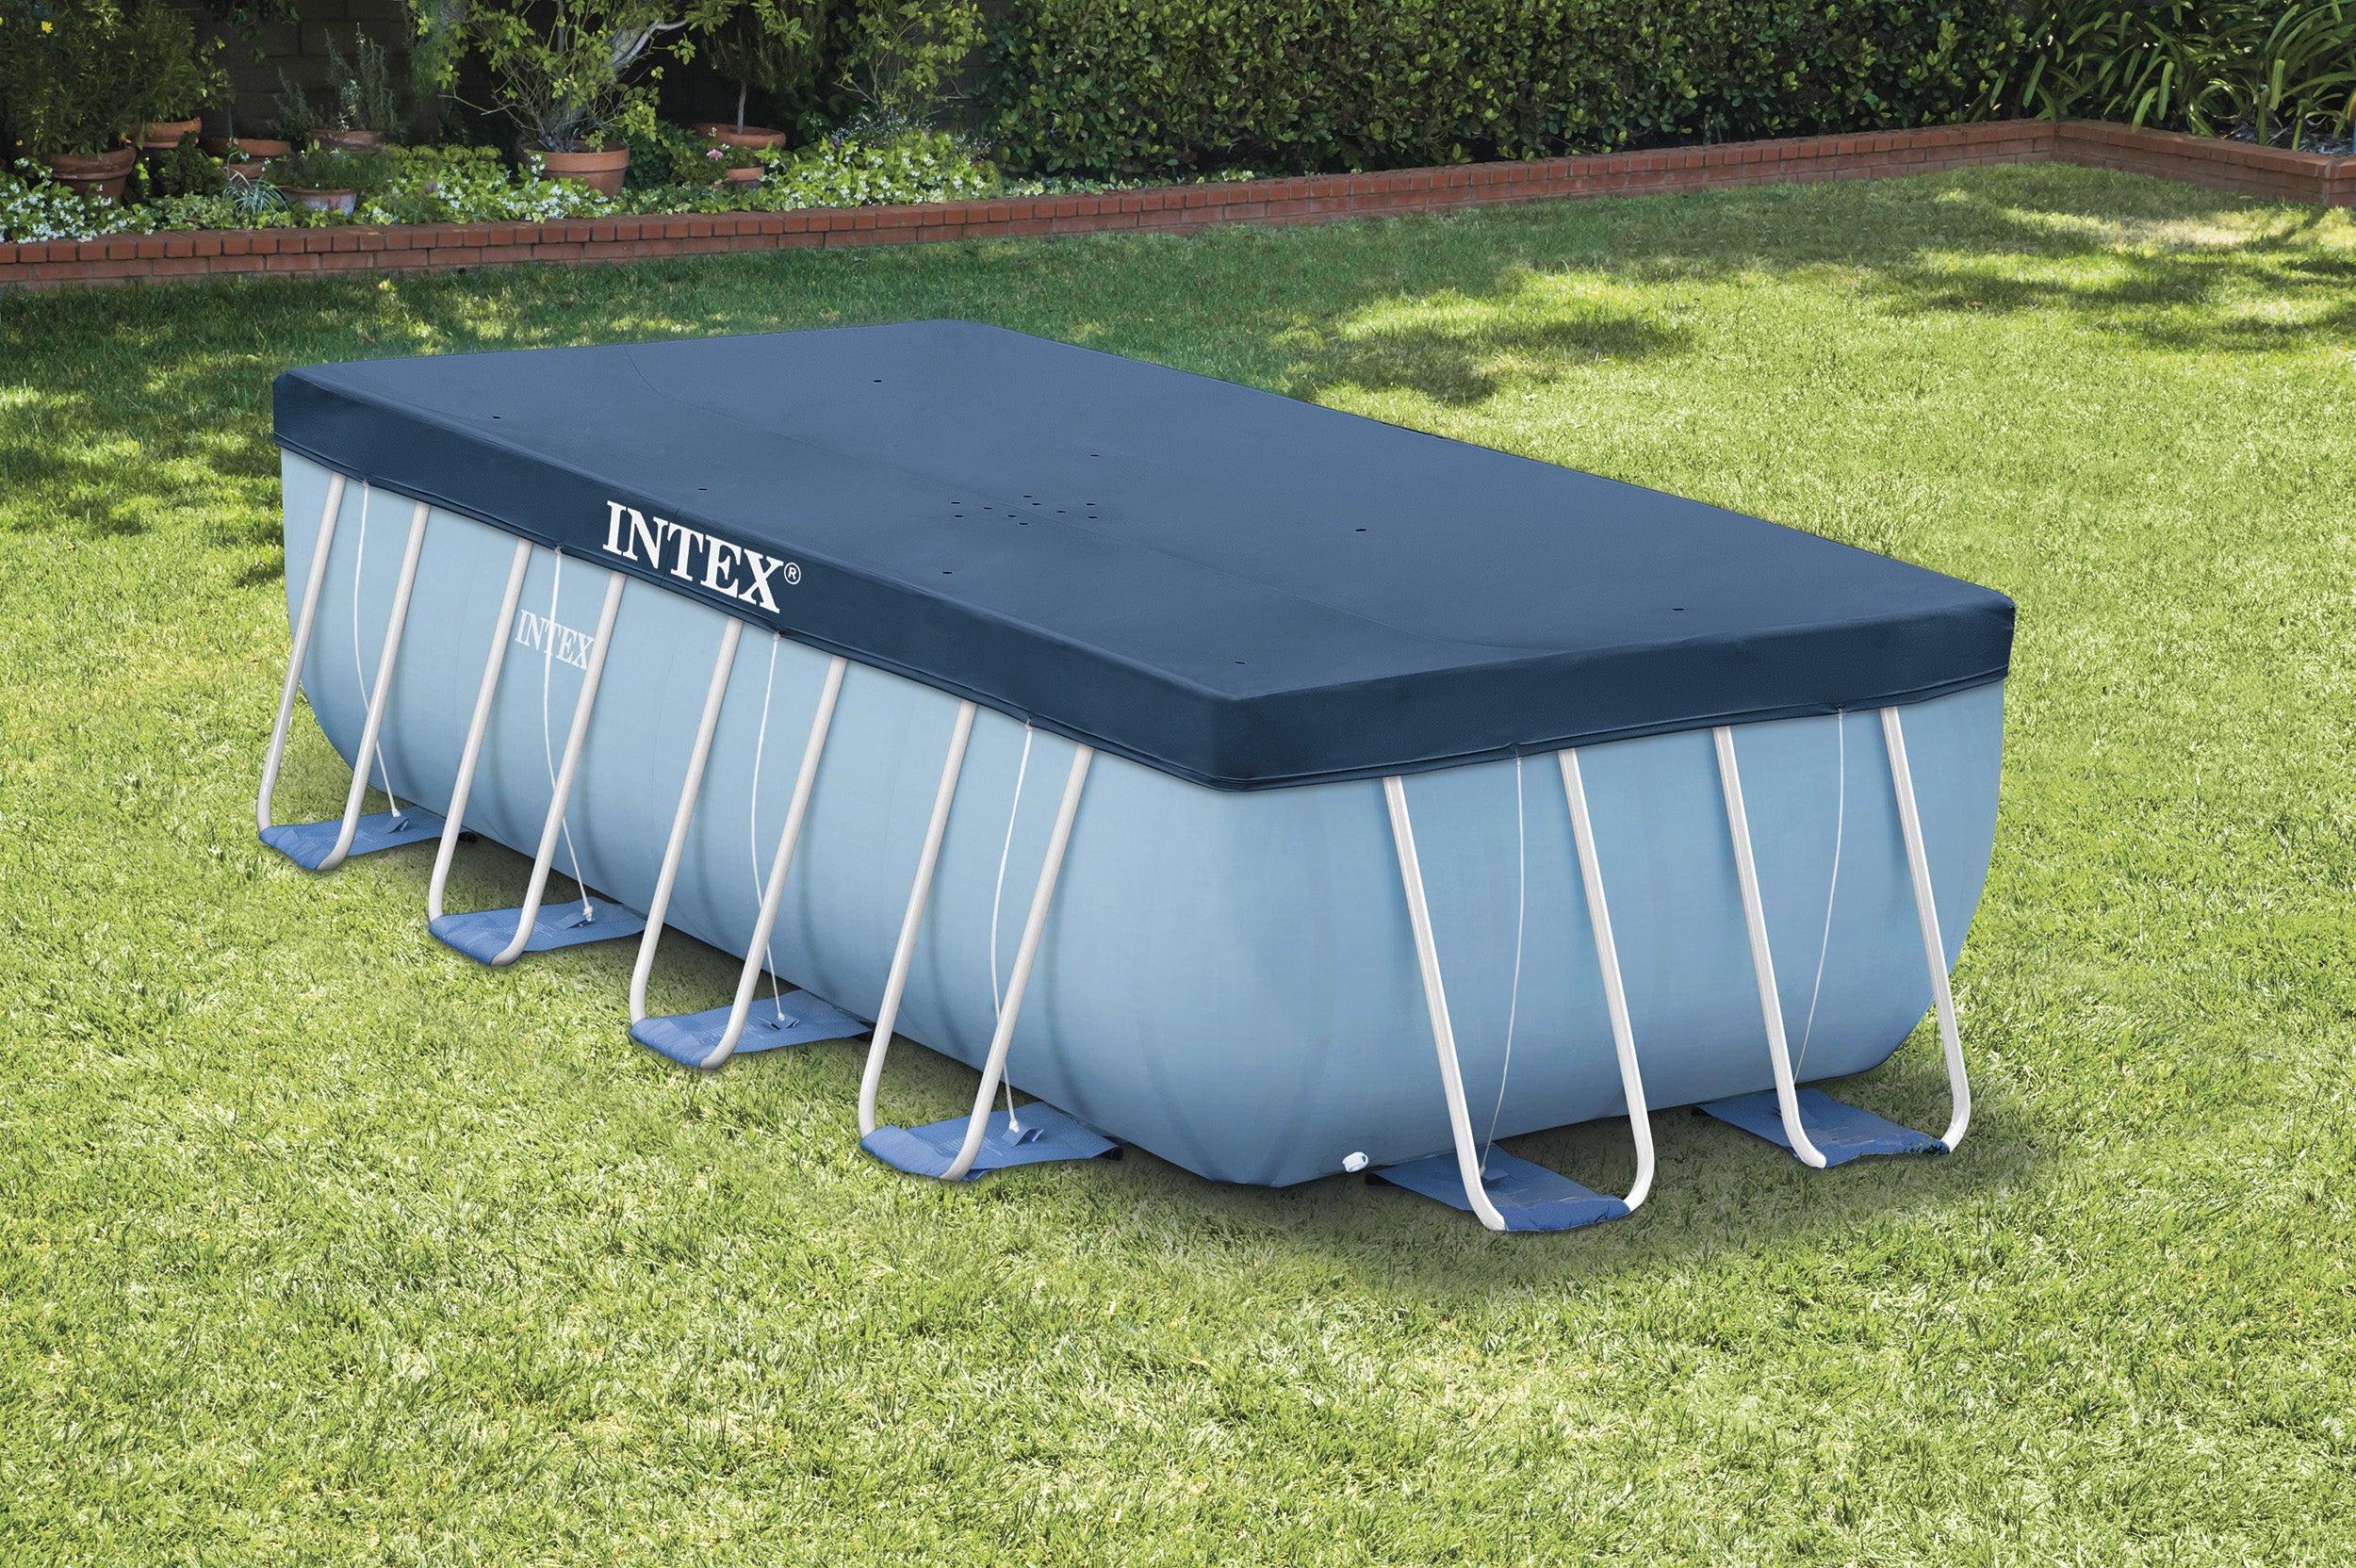 Bâche Hiver Intex De Protection Pour Piscine Rectangulaire 4X2 M, L390 X  L190 Cm à Bache Piscine Tubulaire 3.66